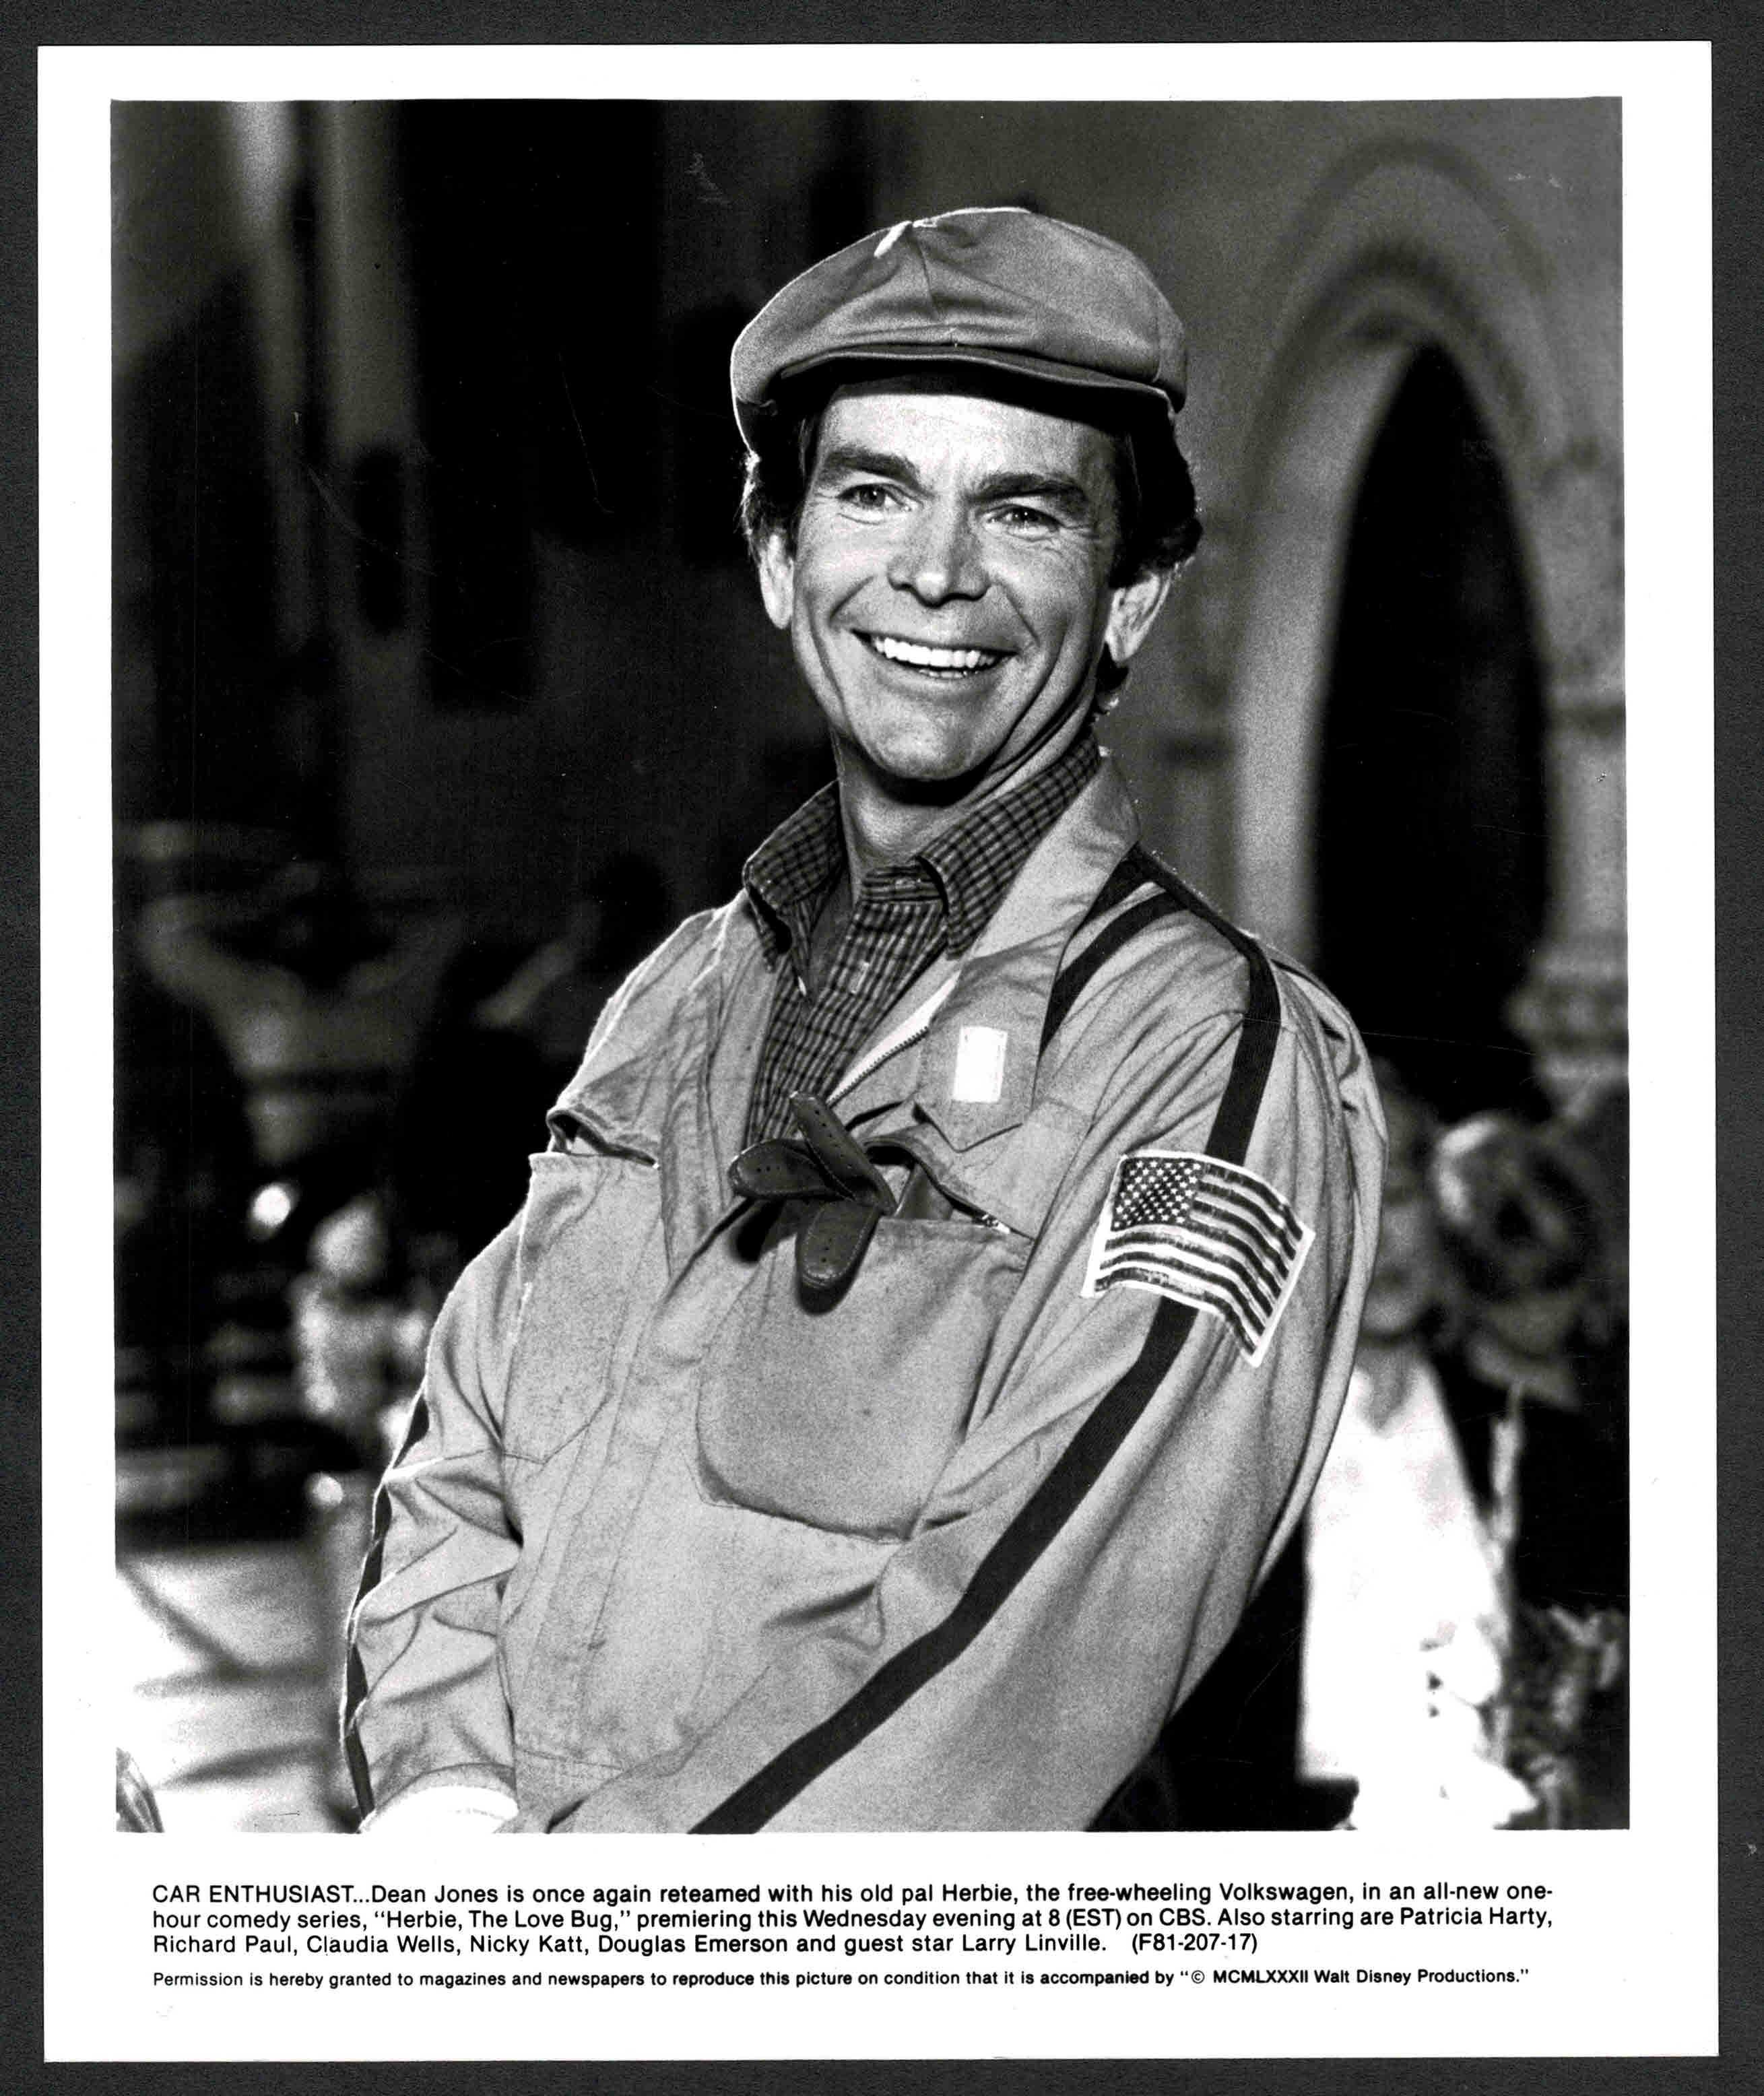 Dean Jones in Herbie, the Love Bug (1982)